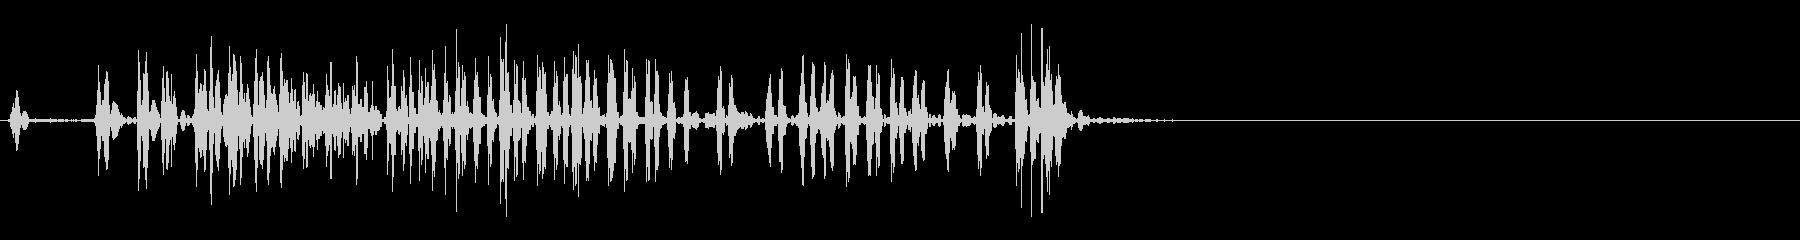 じゃー!ファスナー、チャックが閉まる音8の未再生の波形